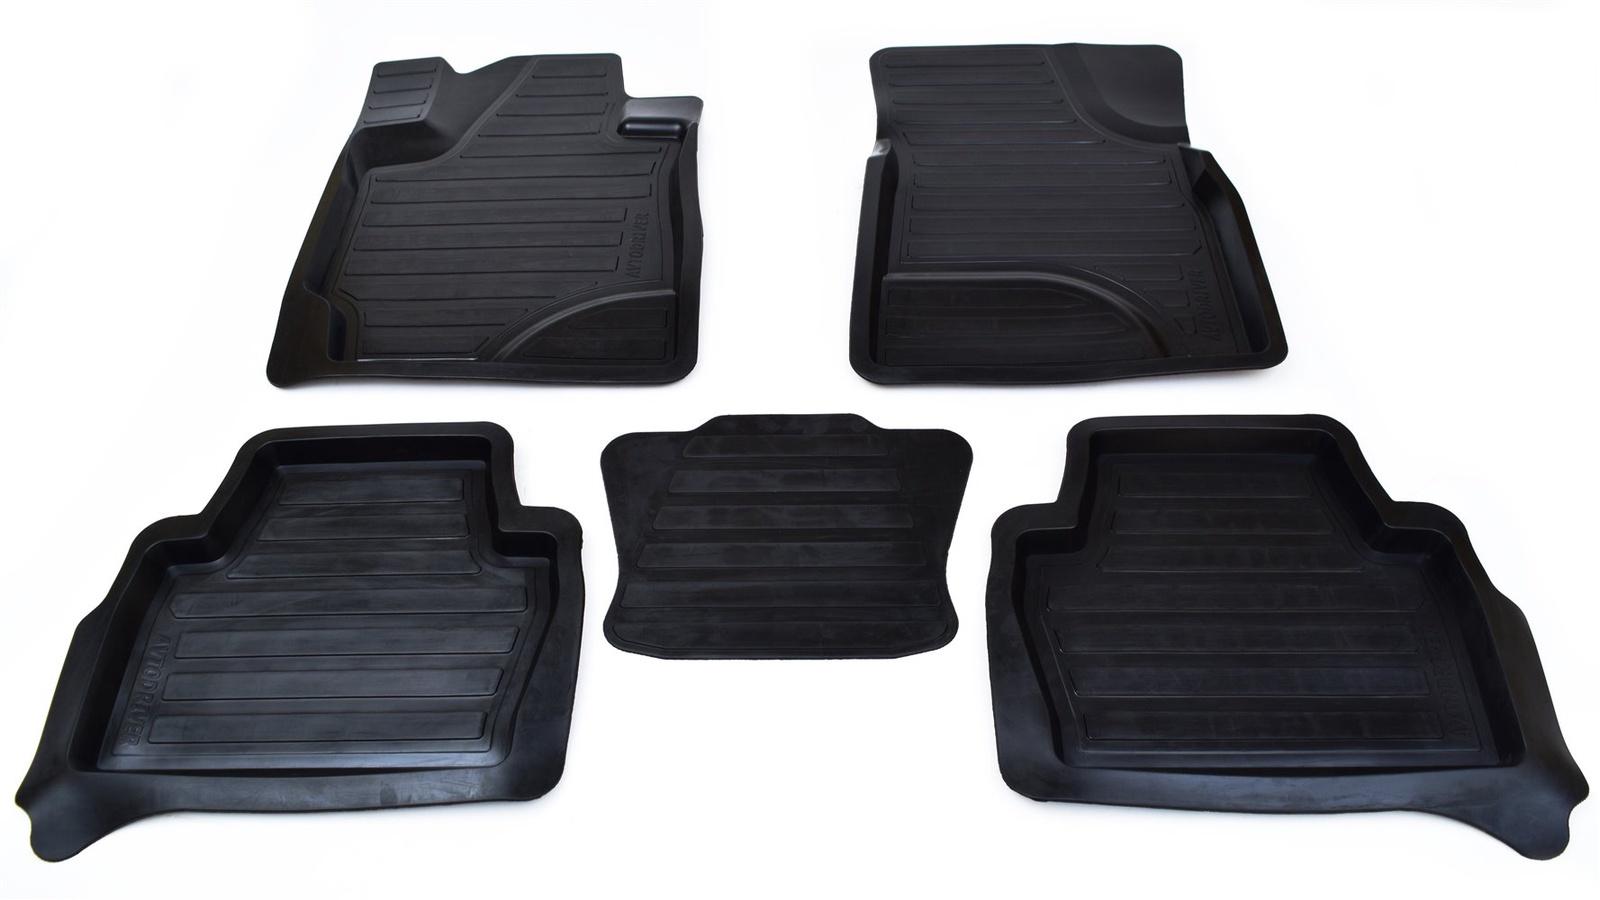 Коврики салона Avtodriver для Lexus LX 570 (2007-2012) ADRAVG151, резиновые, с бортиком, черный musical fidelity lx lps